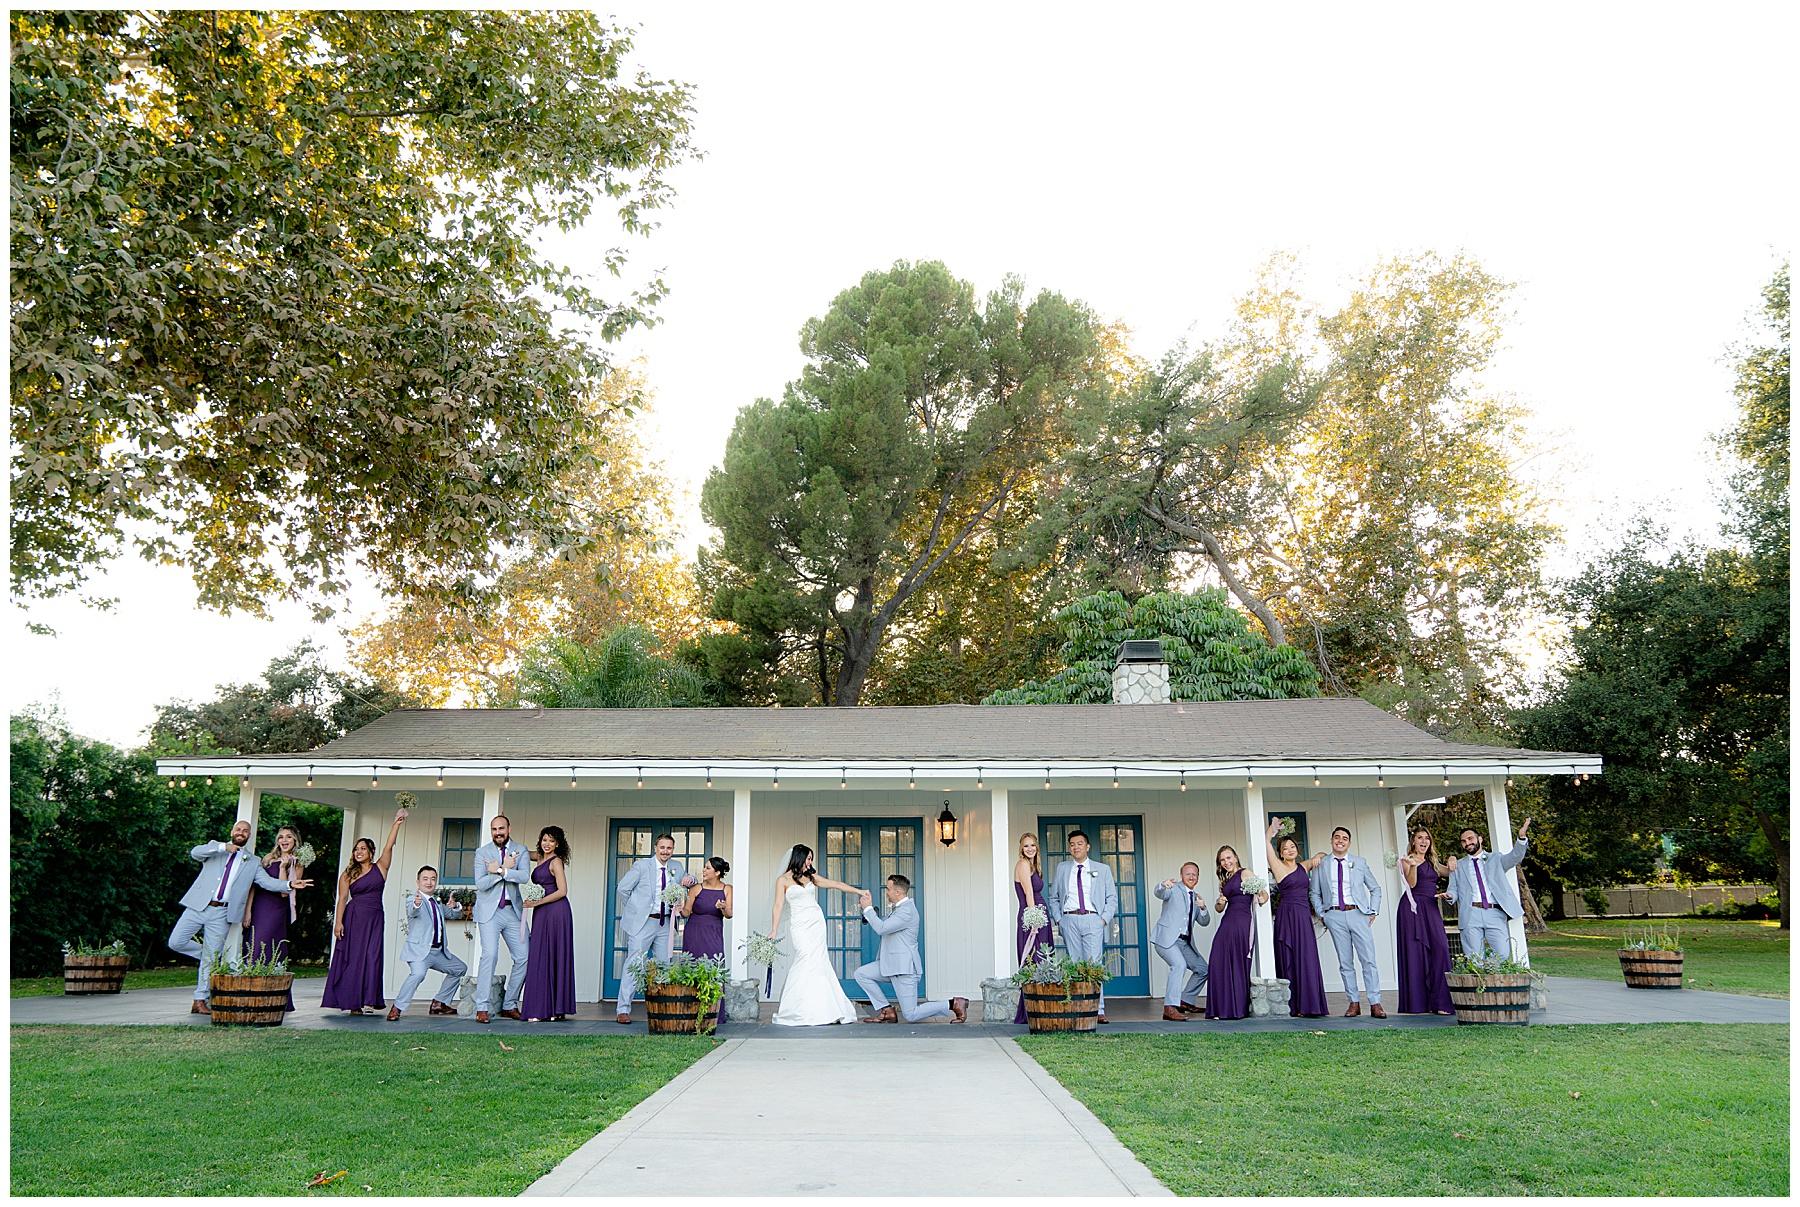 calamigos equestrian center wedding party